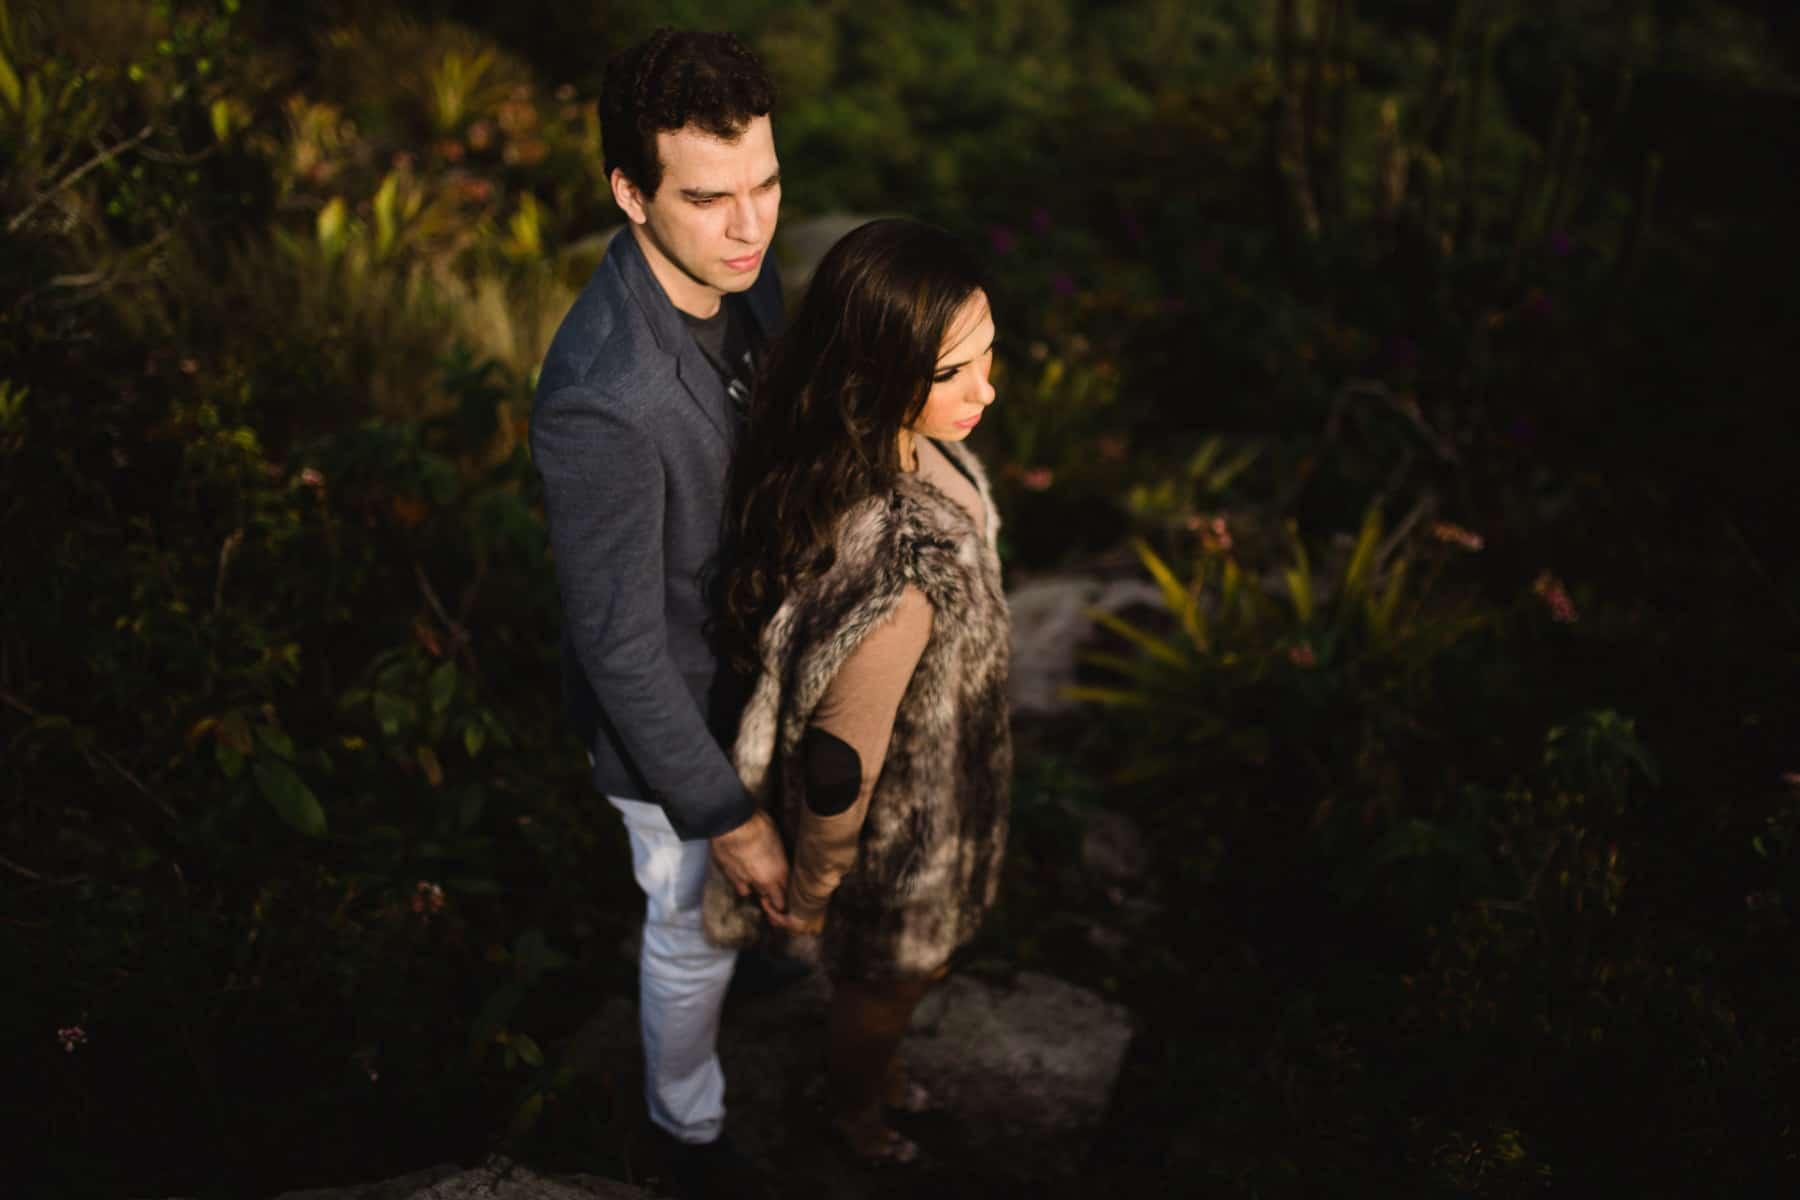 fotos de casal pico alto